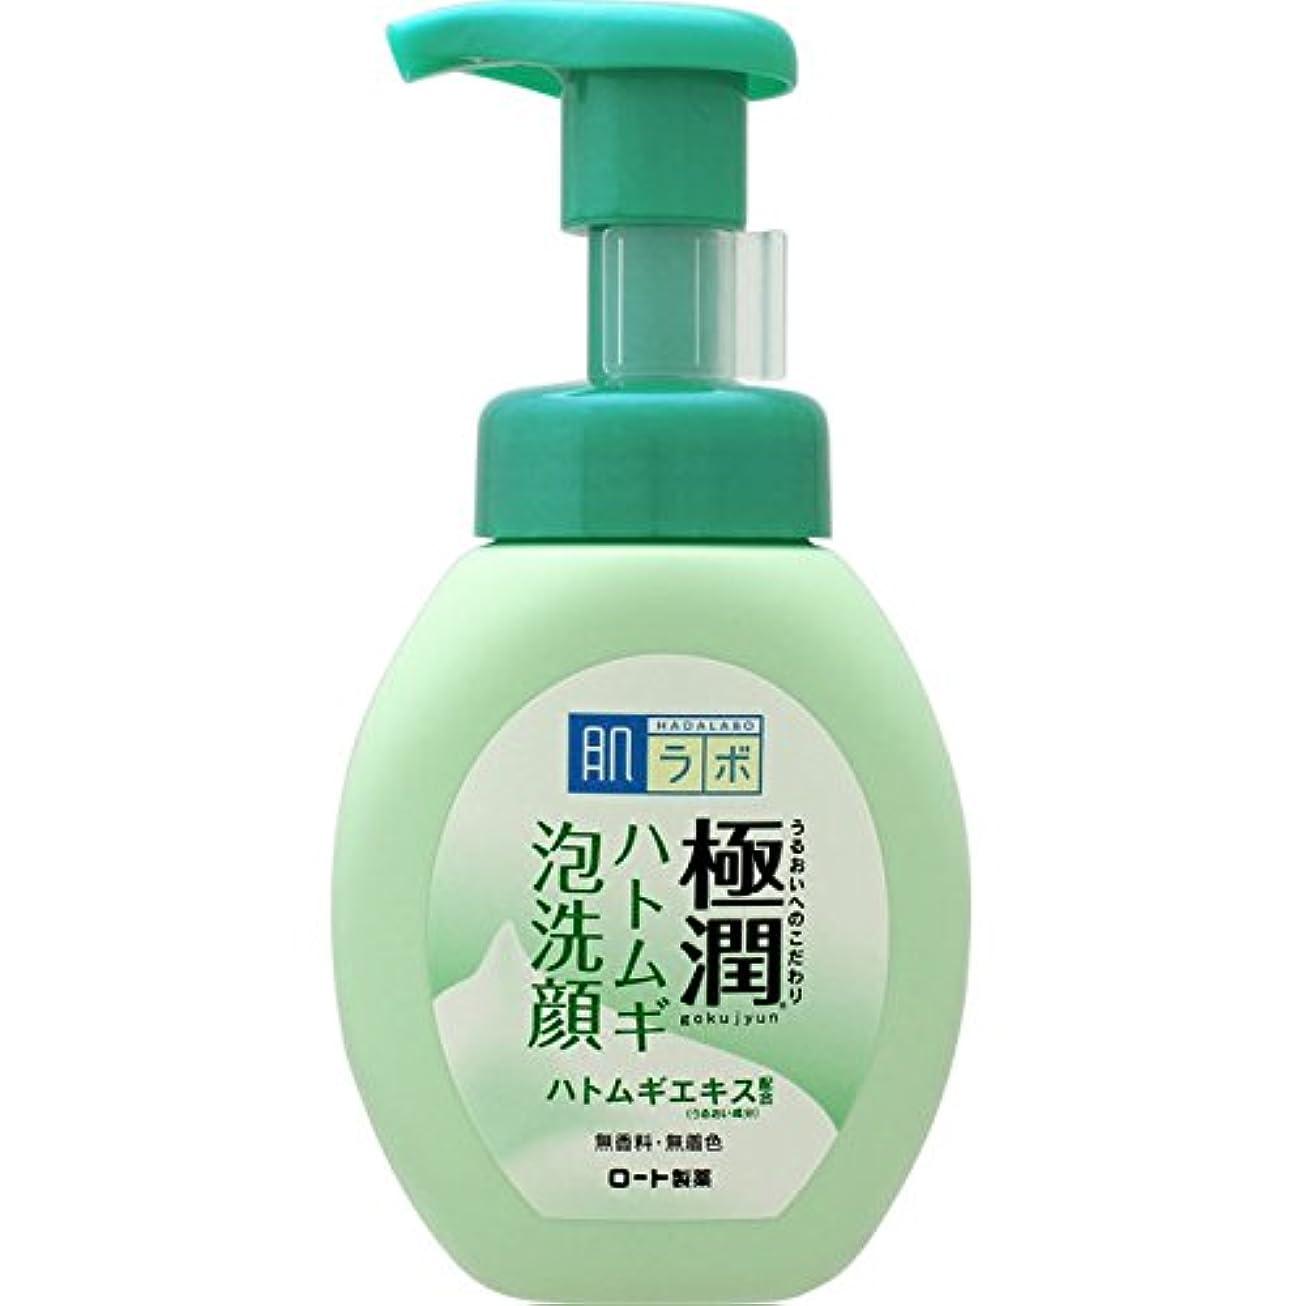 ホイップ任命する当社肌ラボ 極潤 毛穴洗浄 大人ニキビ予防 ハトムギ泡洗顔 160mL